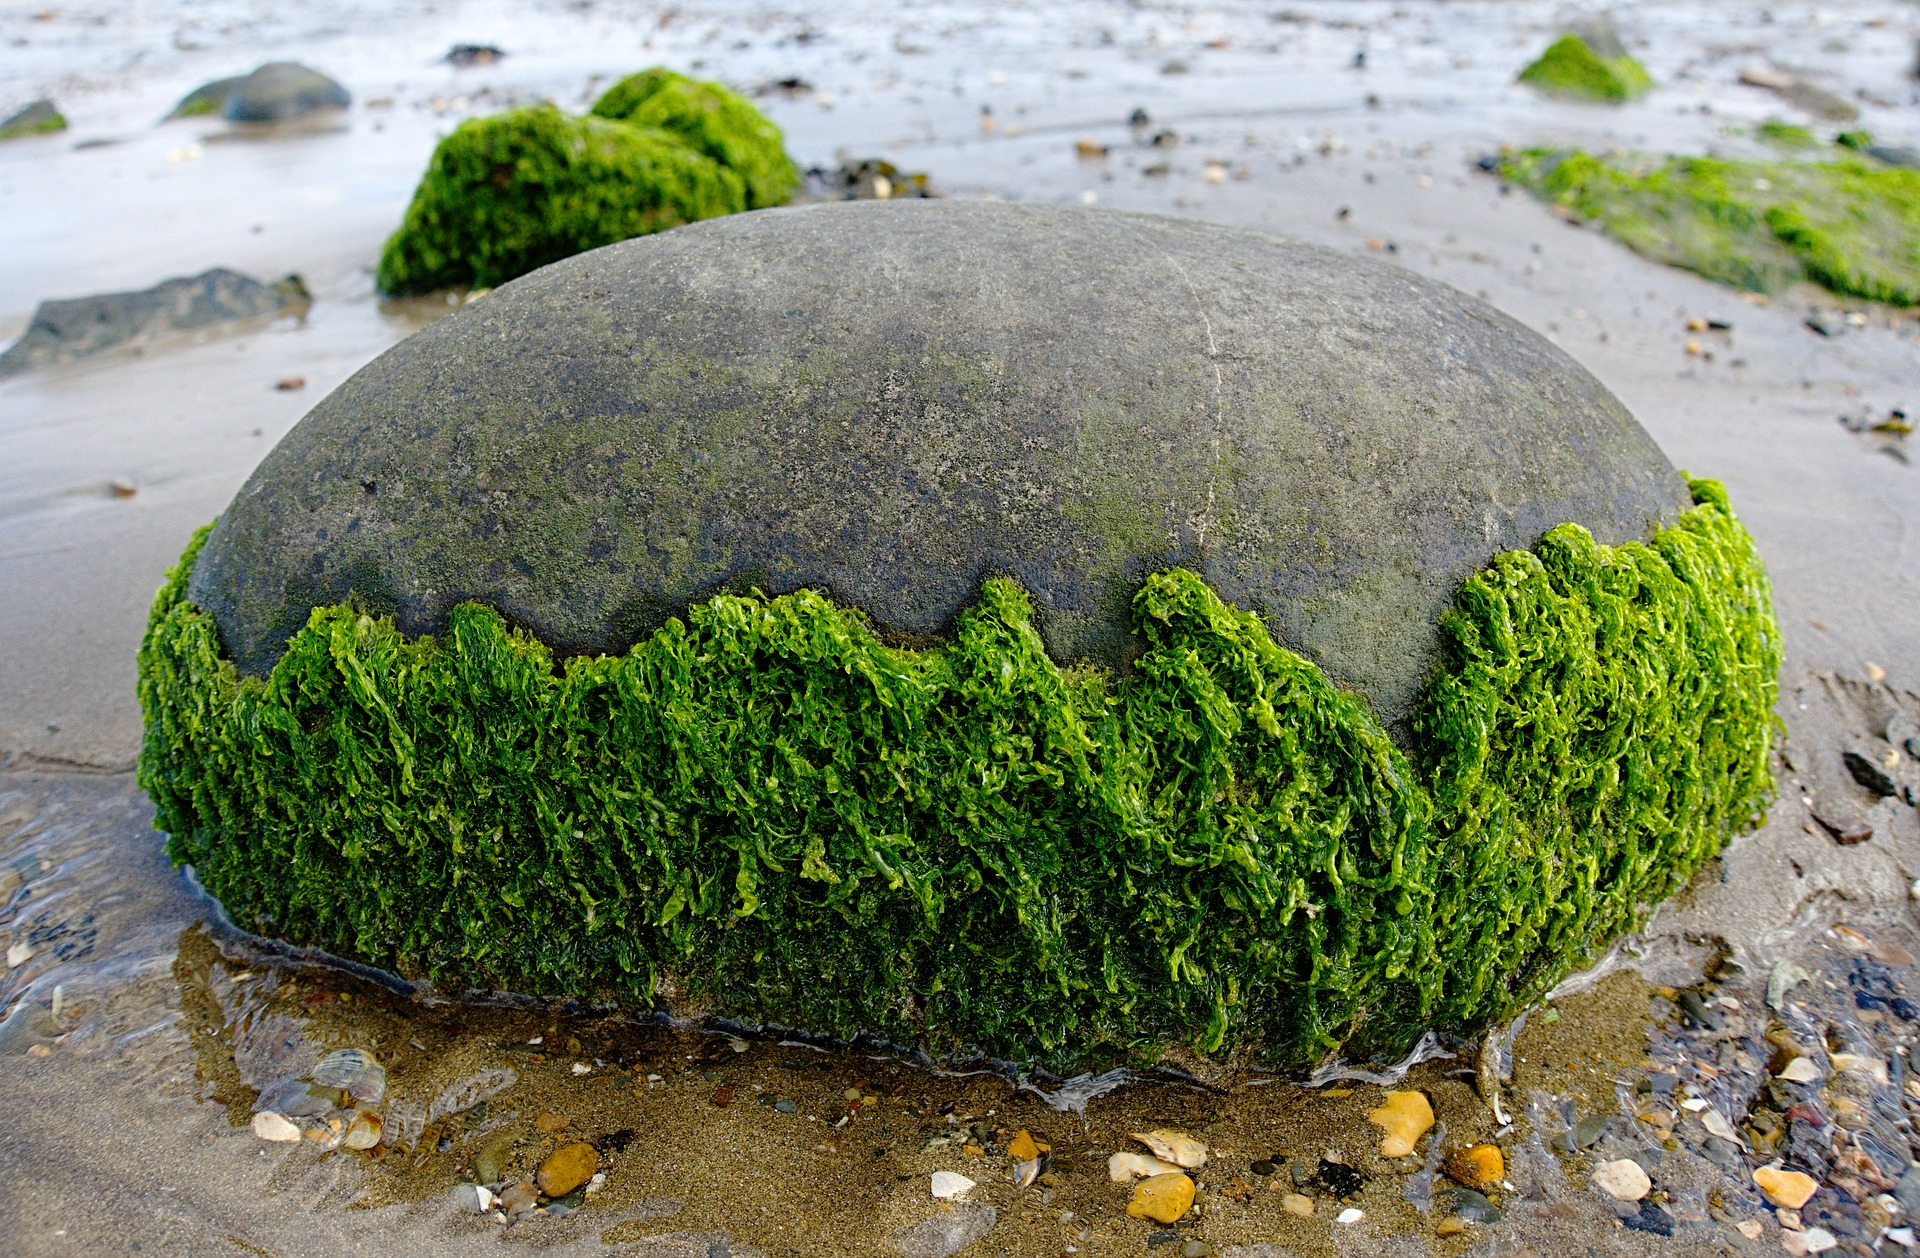 seaweed-2205570_1920.jpg